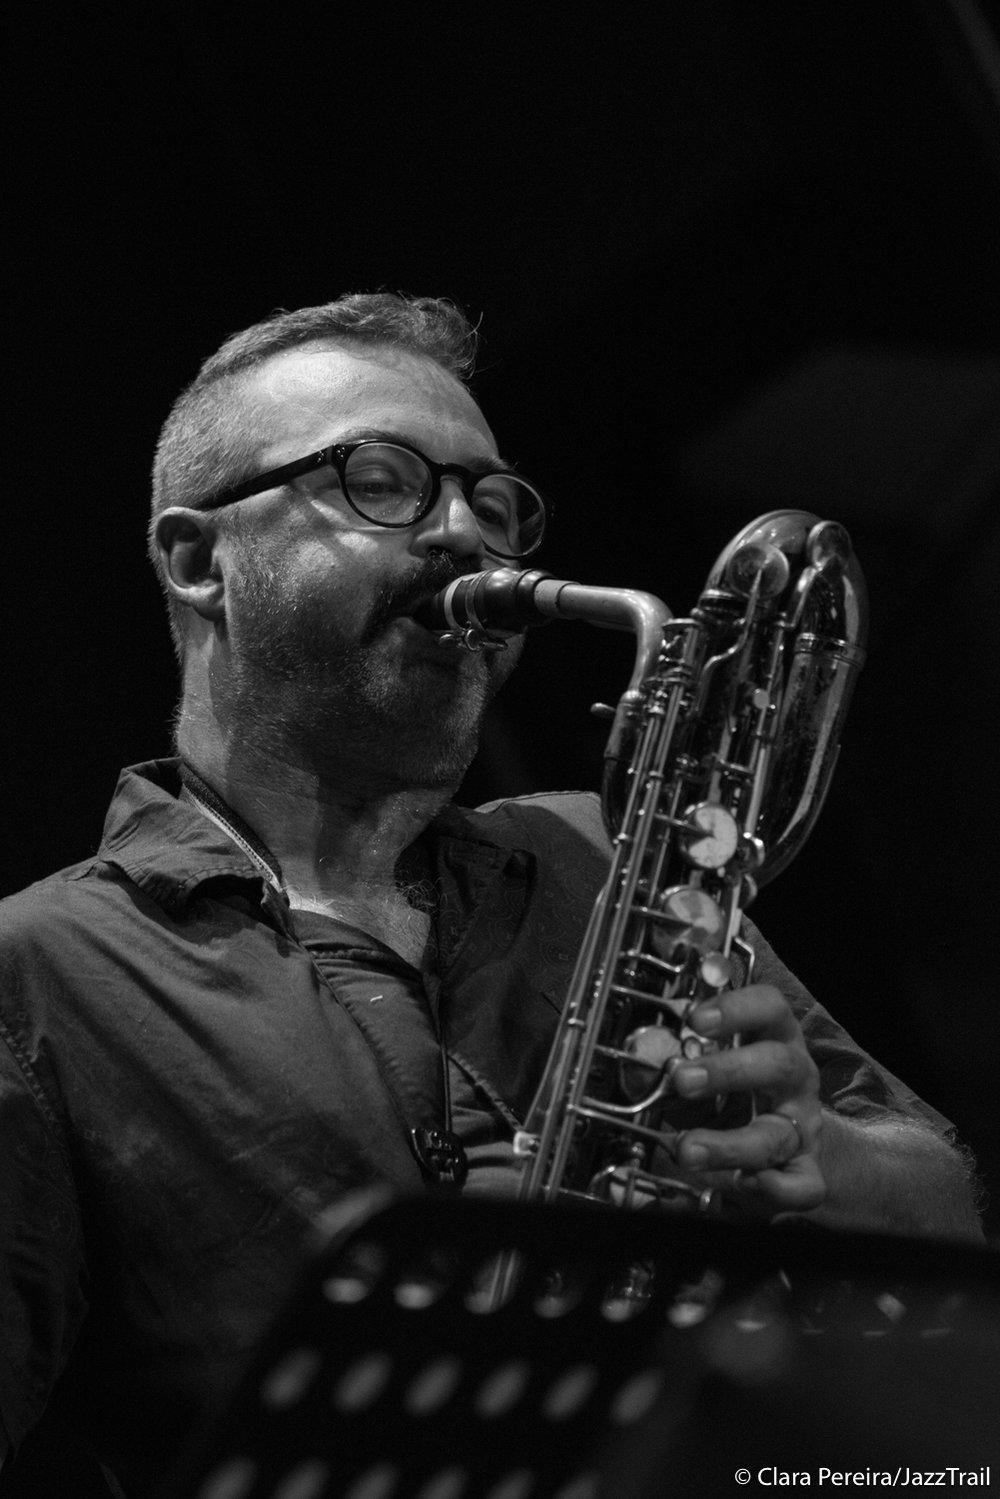 Rui Teixeira, 2017